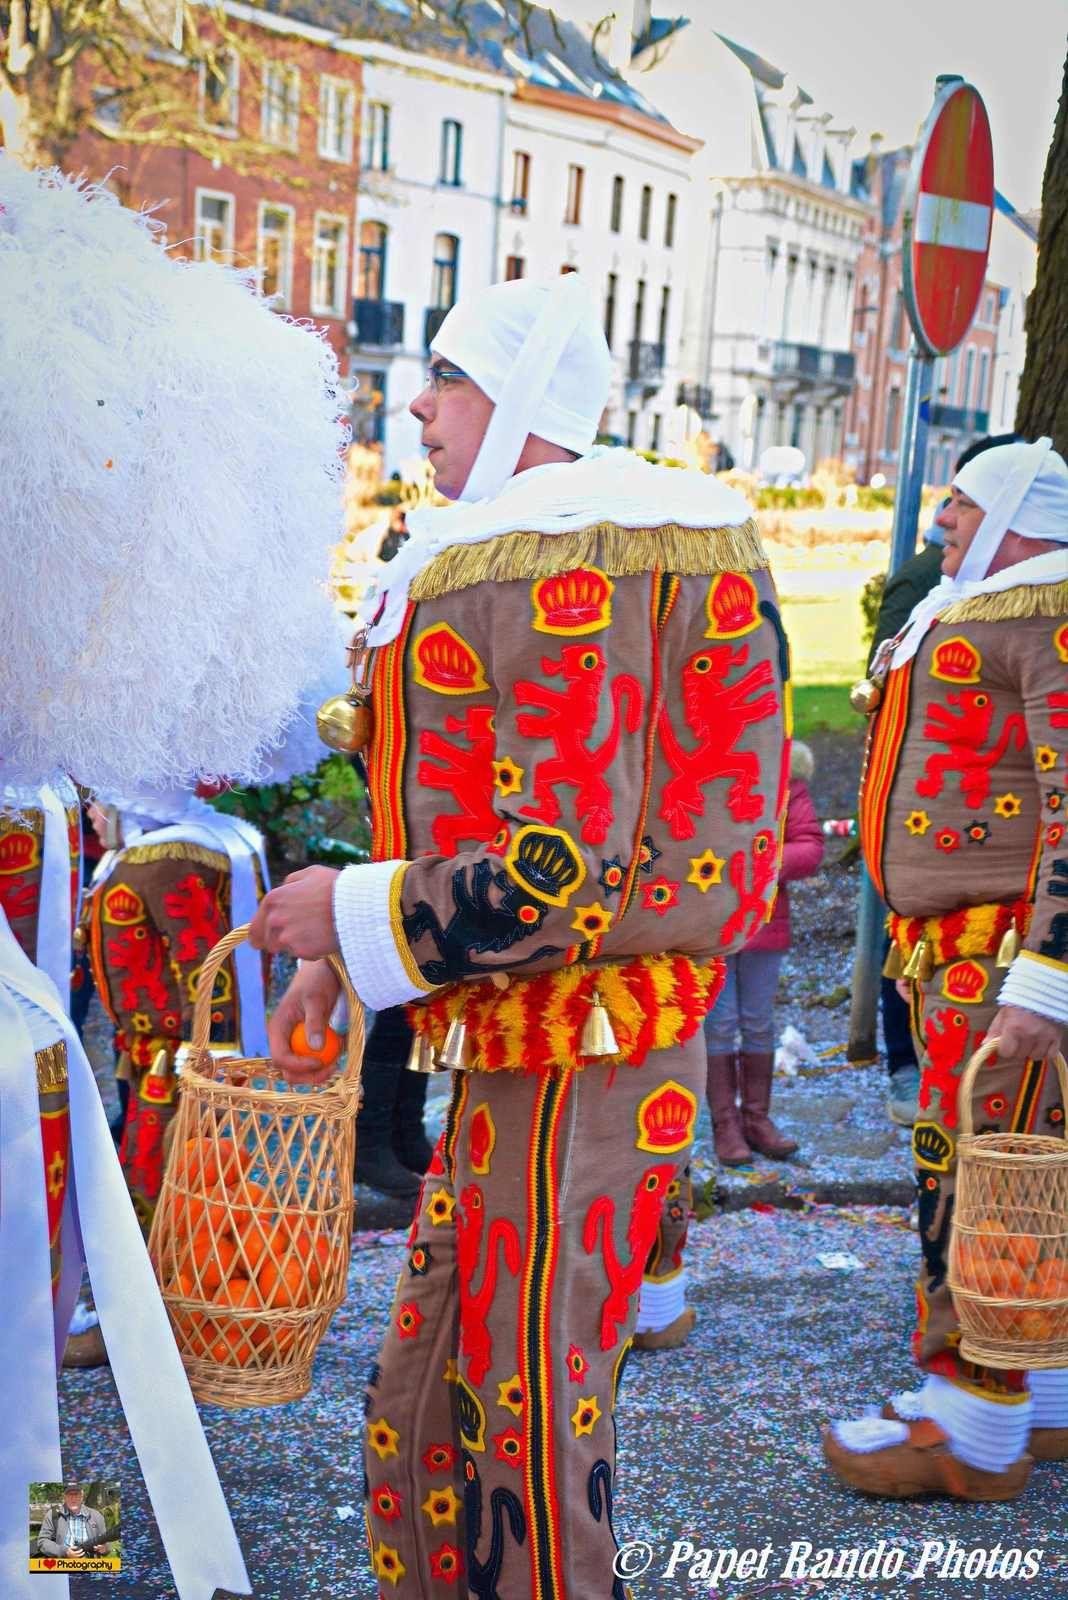 Cavalcade & Carnaval de Nivelles, 20 groupes & chars,  carnaval 11 societes de Gilles, sous un soleil magnifique avec la foule des grands jours